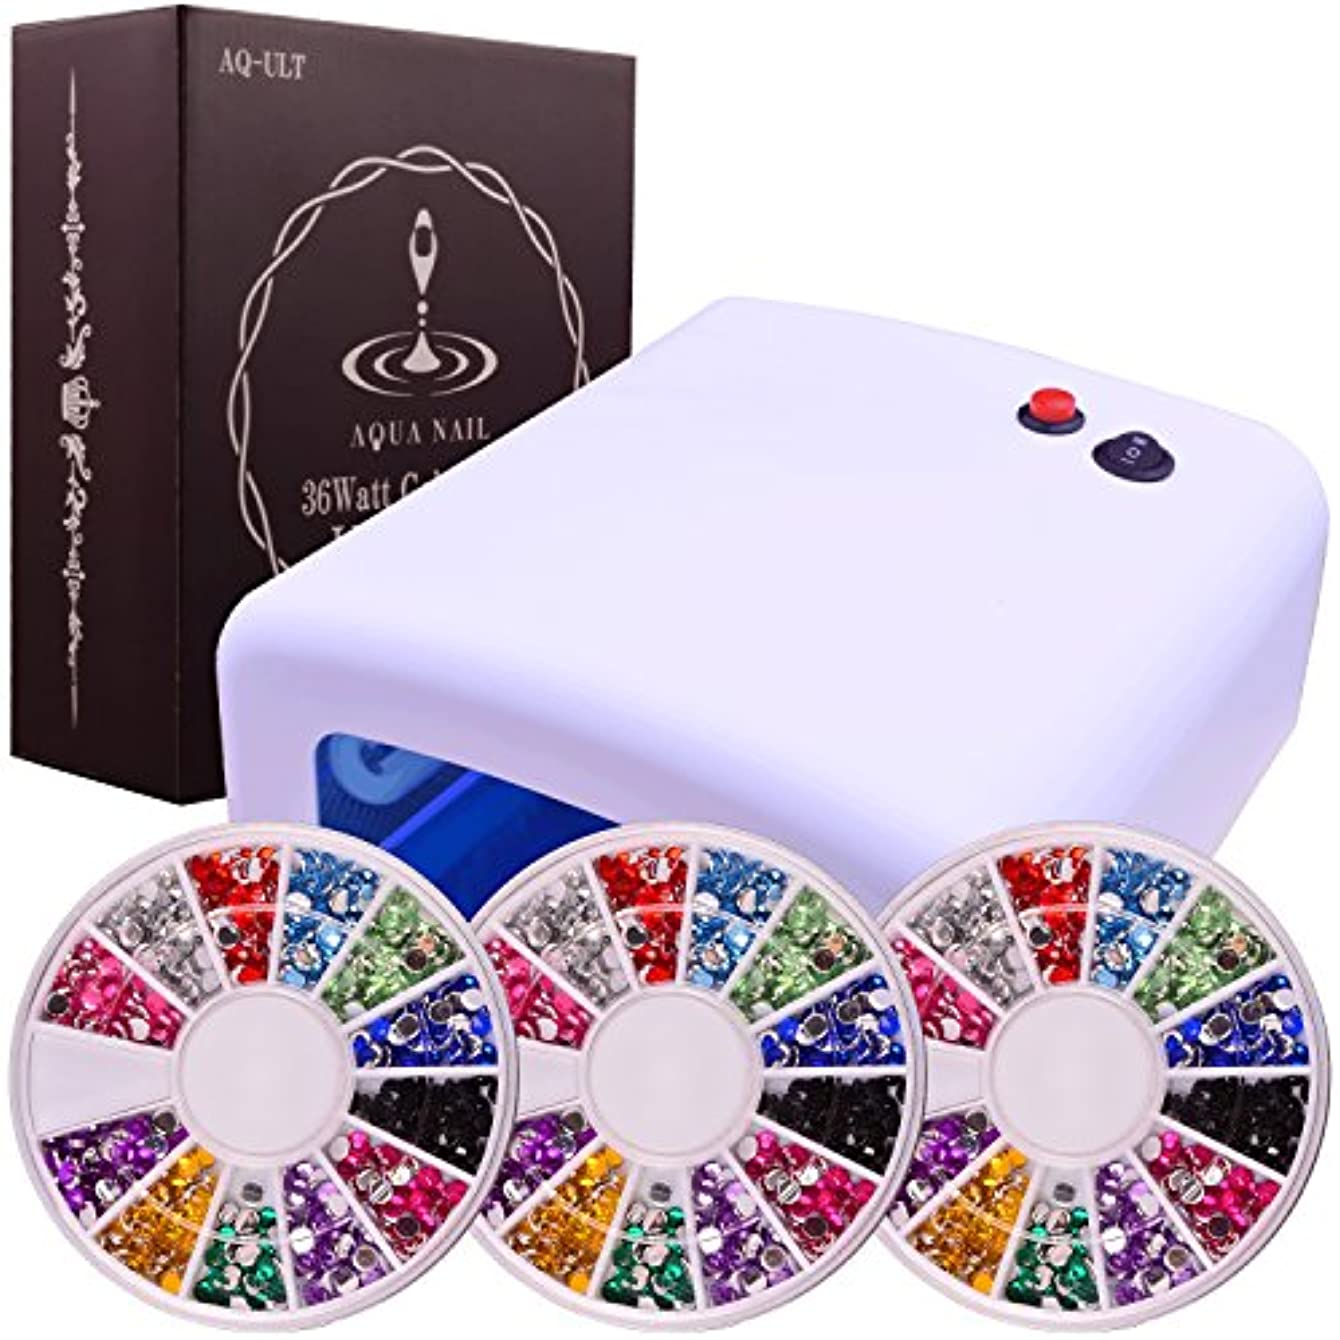 ミント石直立UVライト 36W (白) ネイル レジン アクリルストーン 12色3サイズセット 本体+電球4本付 安心3ヶ月保証 日本語説明書付AQUA NAIL(ホワイト)